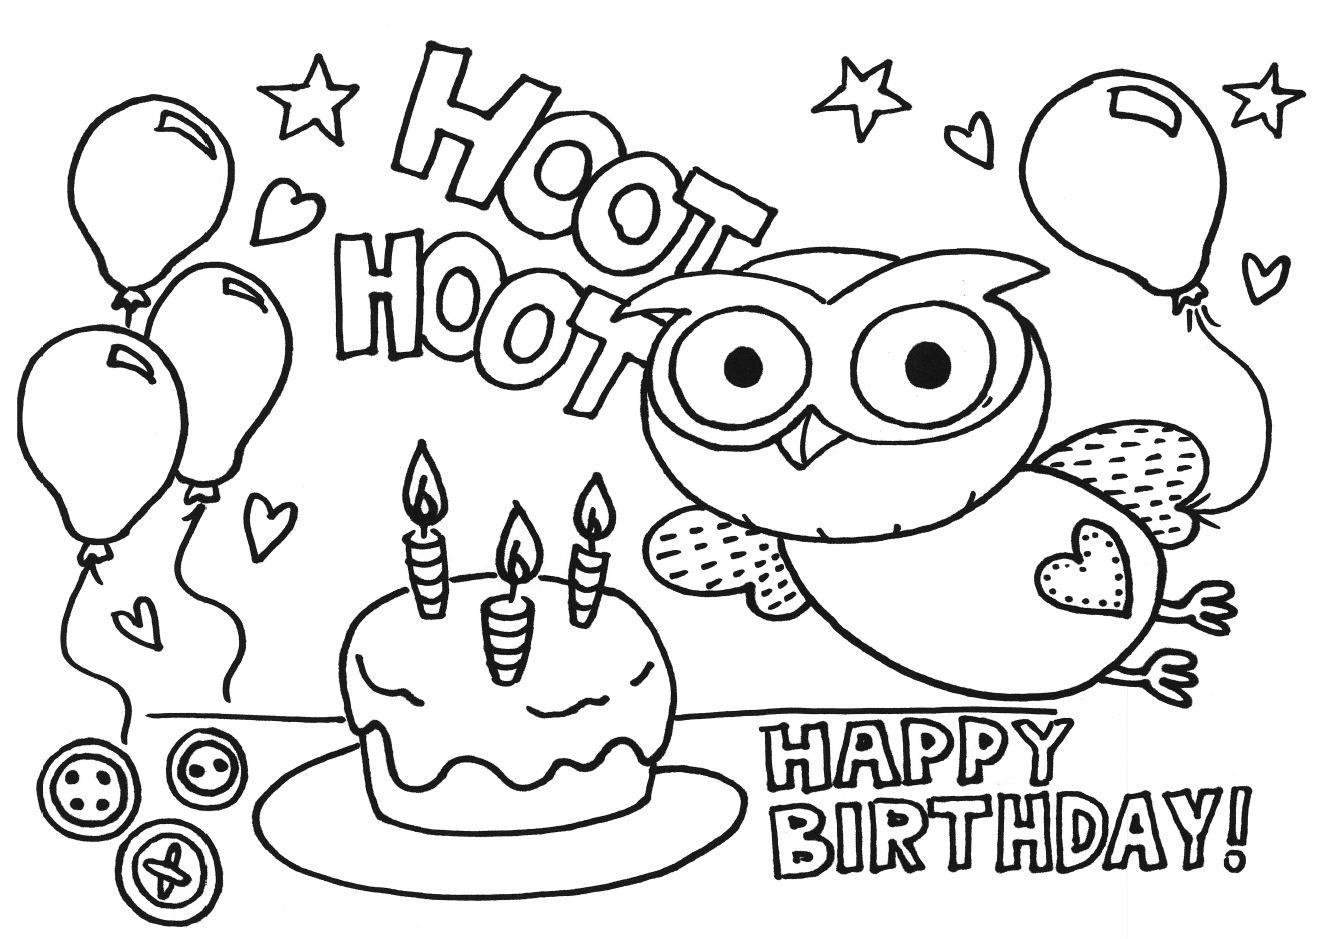 Tranh tô màu bánh sinh nhật ngộ nghĩnh, đáng yêu